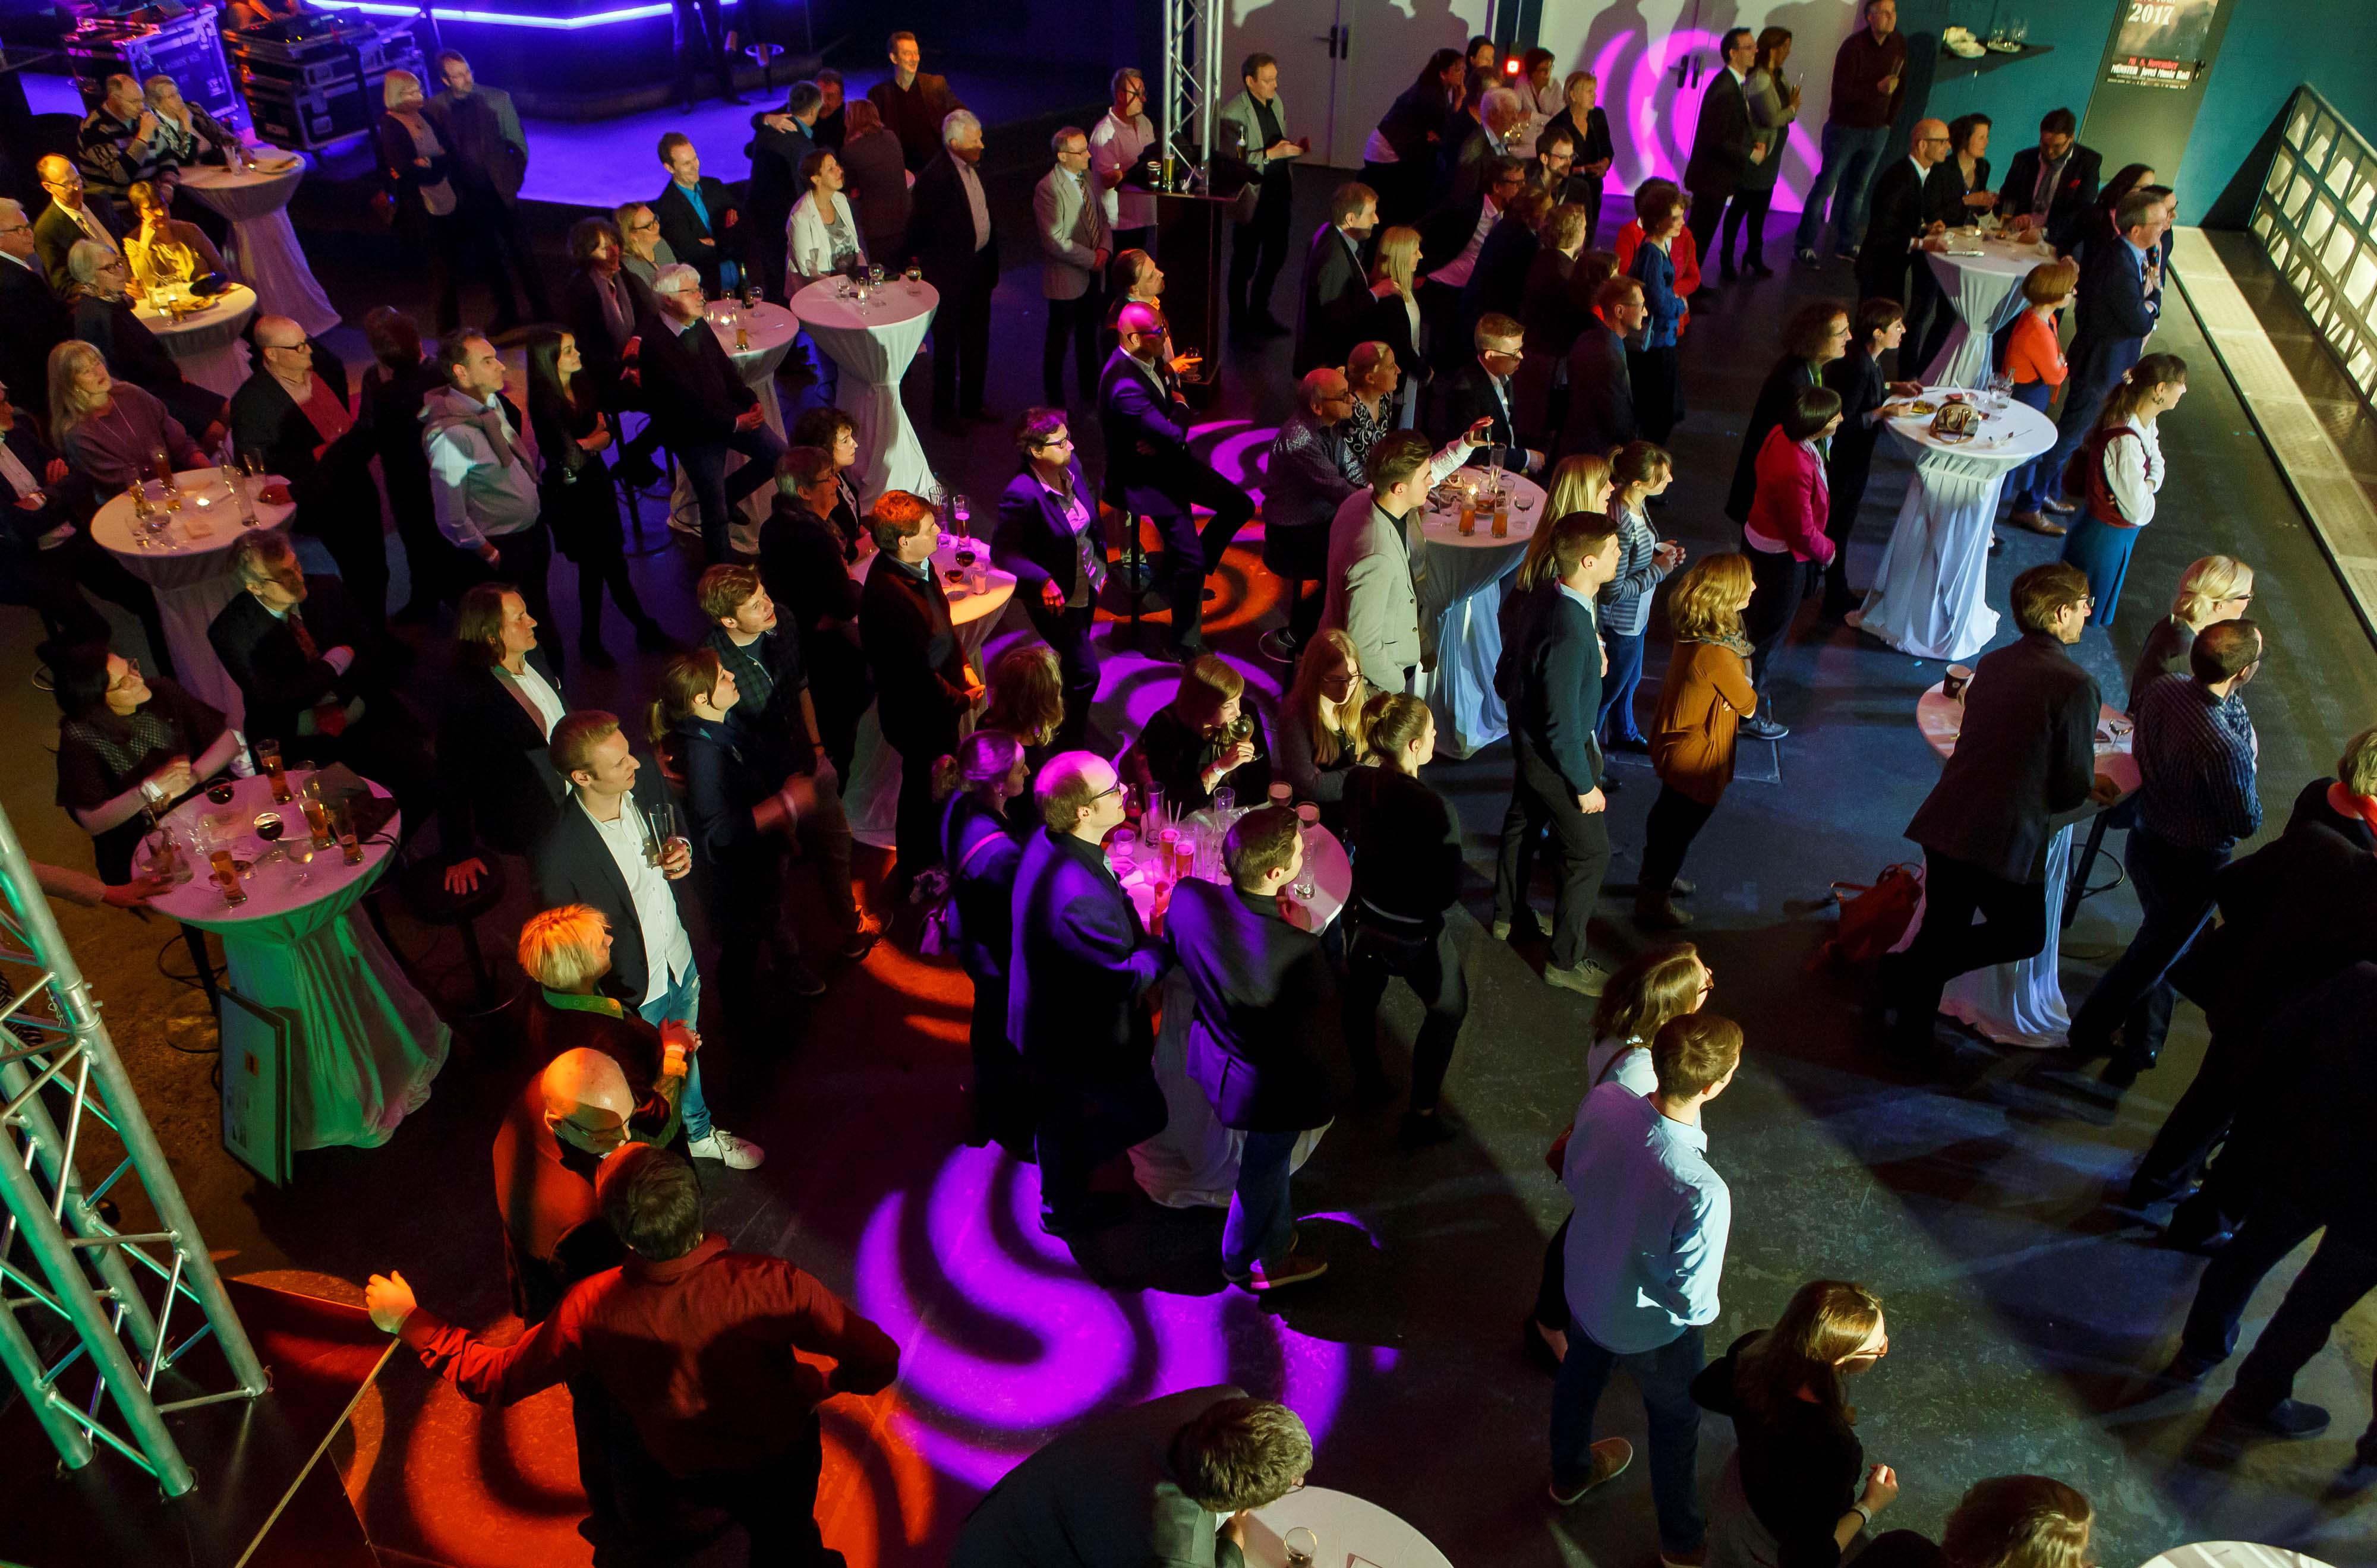 """500 Besucher kamen zur WLAT-Spendengala zu Gunsten von """"Eine Dosis Zukunft"""" in die Jovel Music Hall. Fotos: AKWL/Münsterview"""